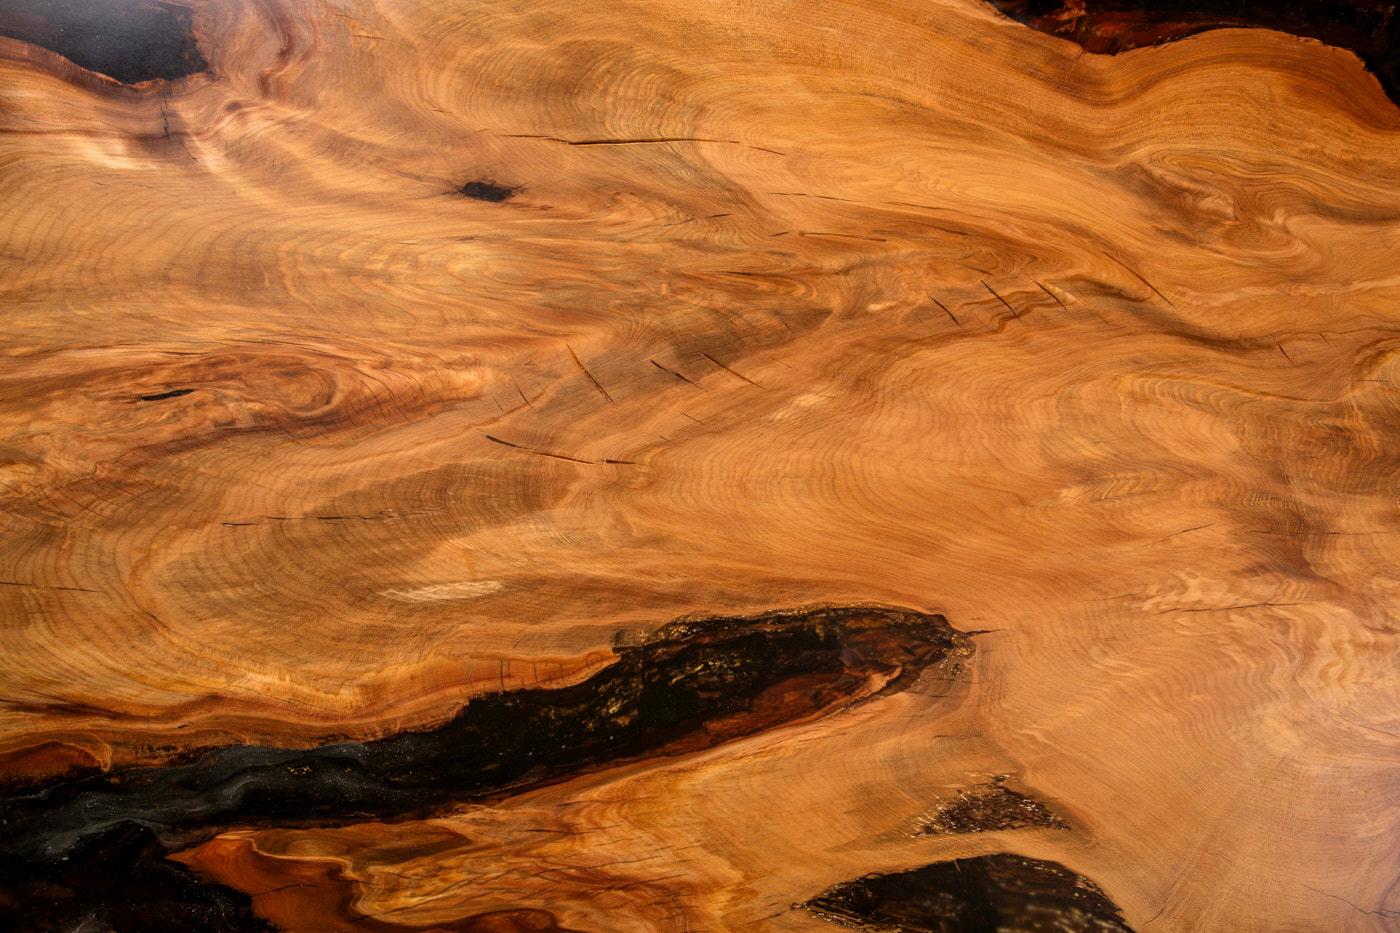 Individueller Kauri Wurzelholztisch ein extravaganter Unikattisch, exklusiver Massivholztisch mit schöner Maserung, extravagantes Unikat Natur Kunstwerk gold